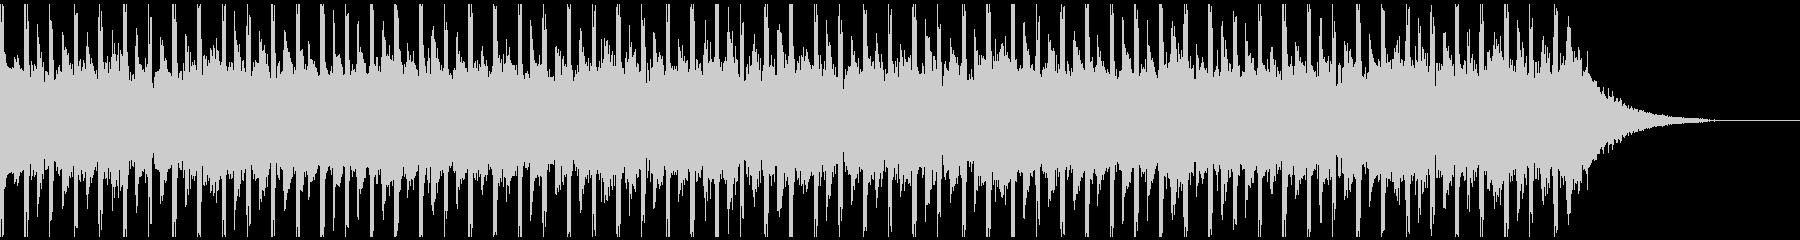 モダンコーポレート(30秒)の未再生の波形